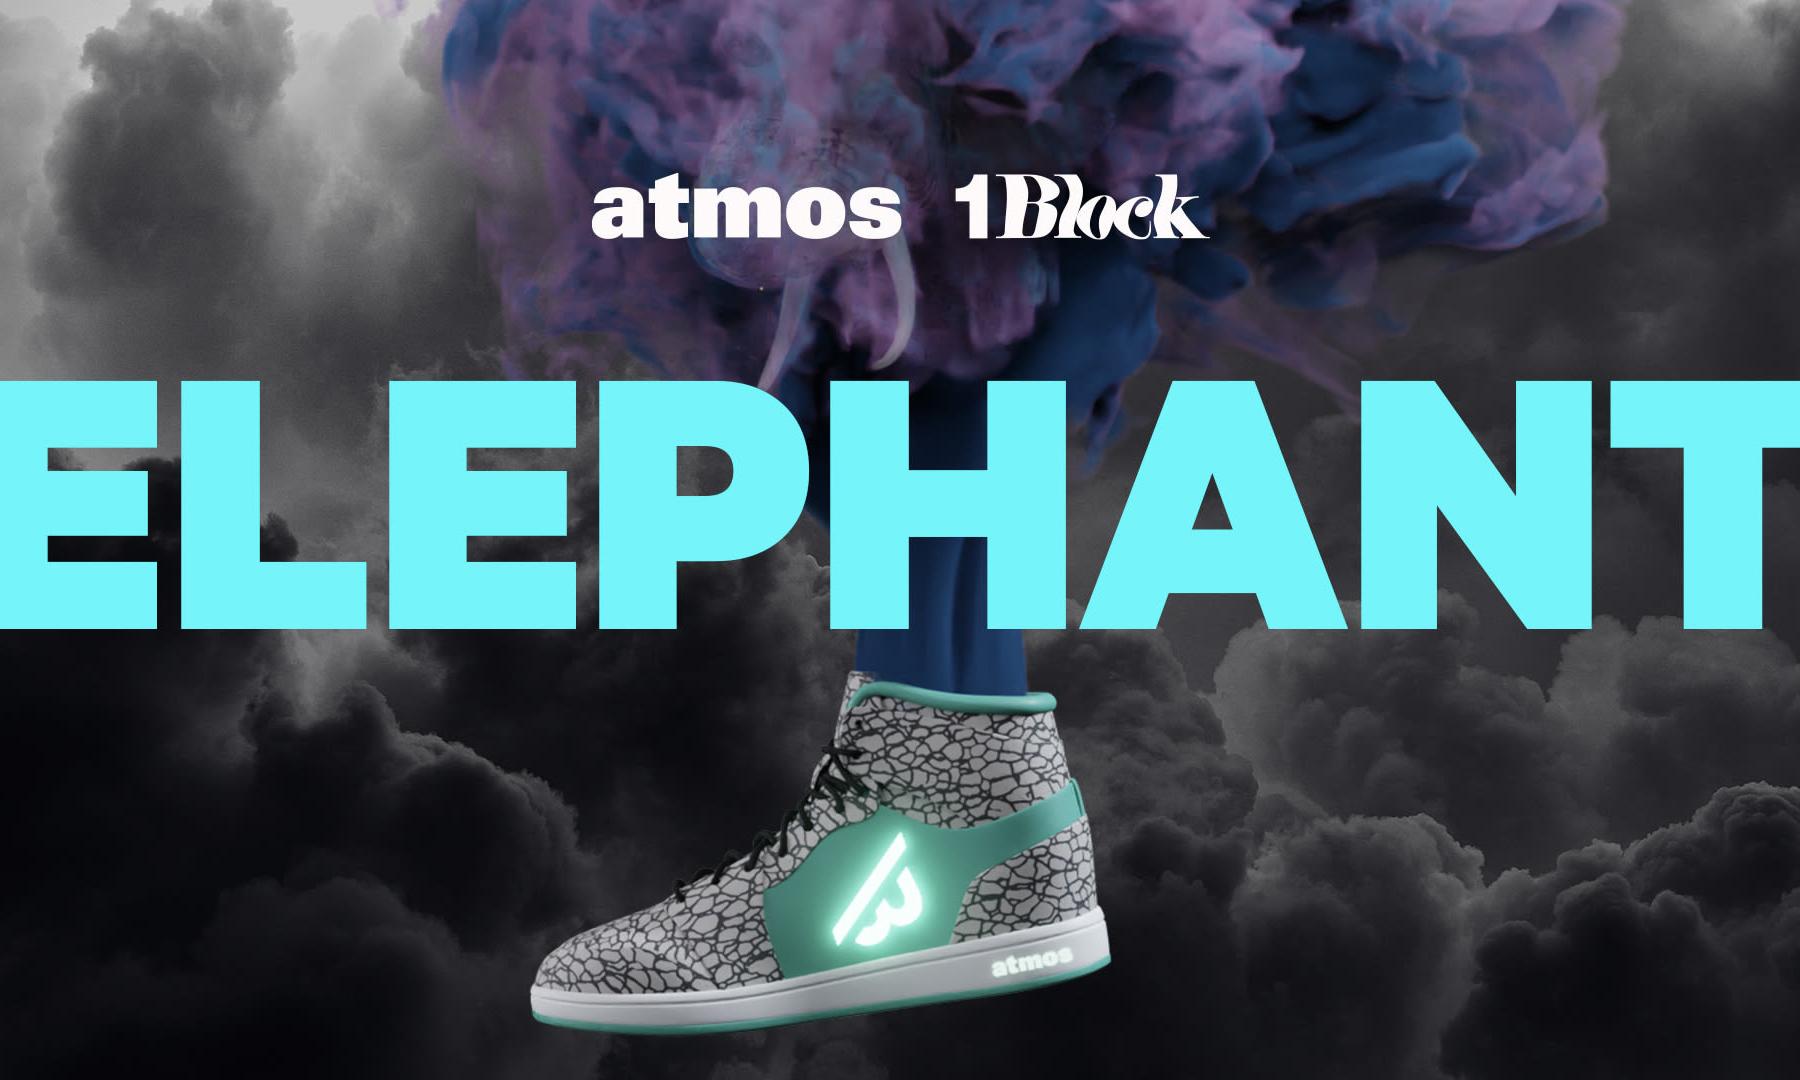 atmos 与 1 Block 合作推出首款虚拟运动鞋「ELEPHANT」